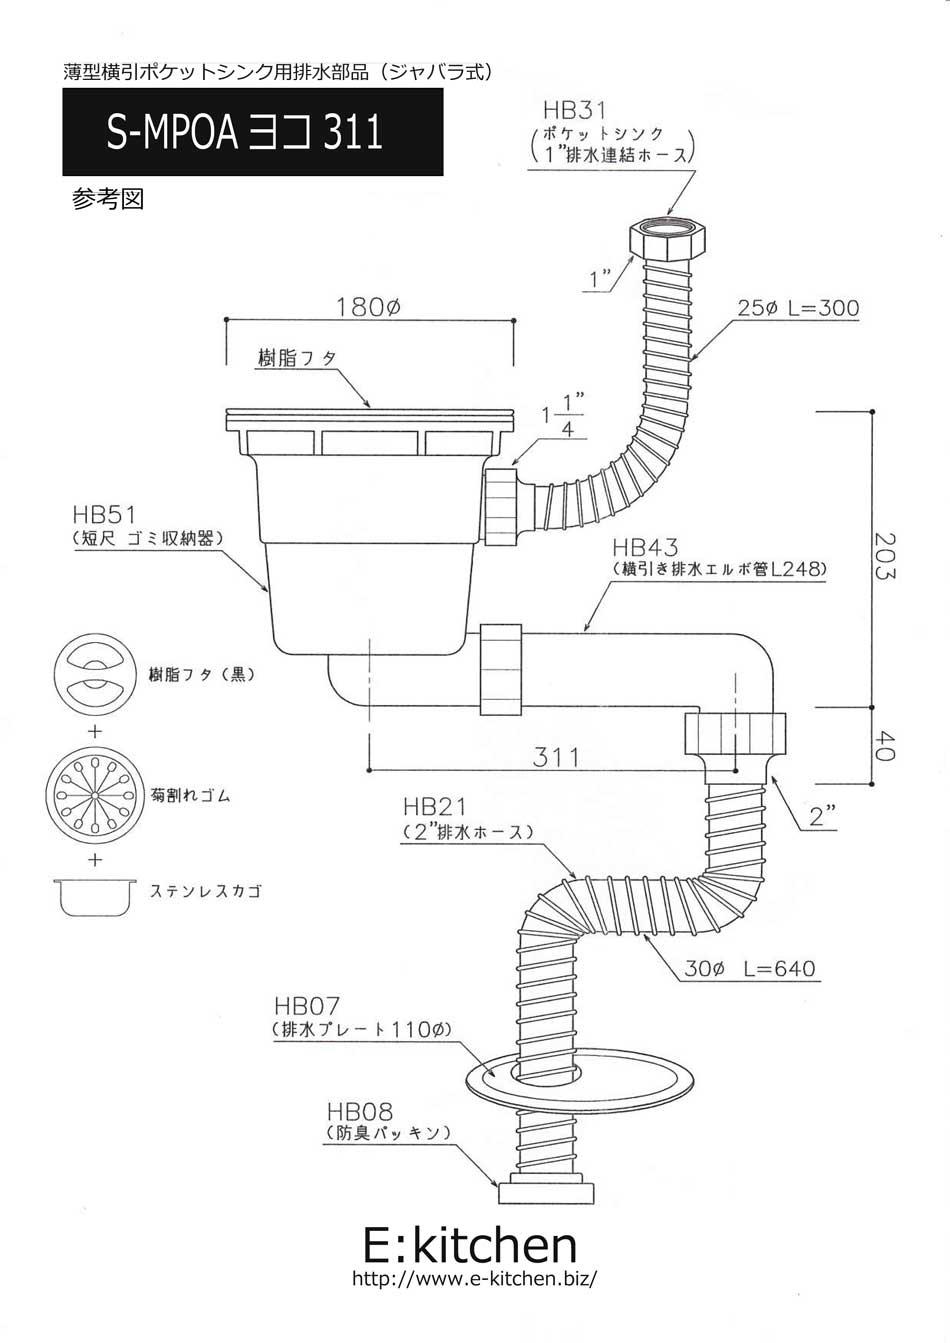 CKシリーズ 短尺排水部品S-MPOAヨコ311(ポケットシンク用)